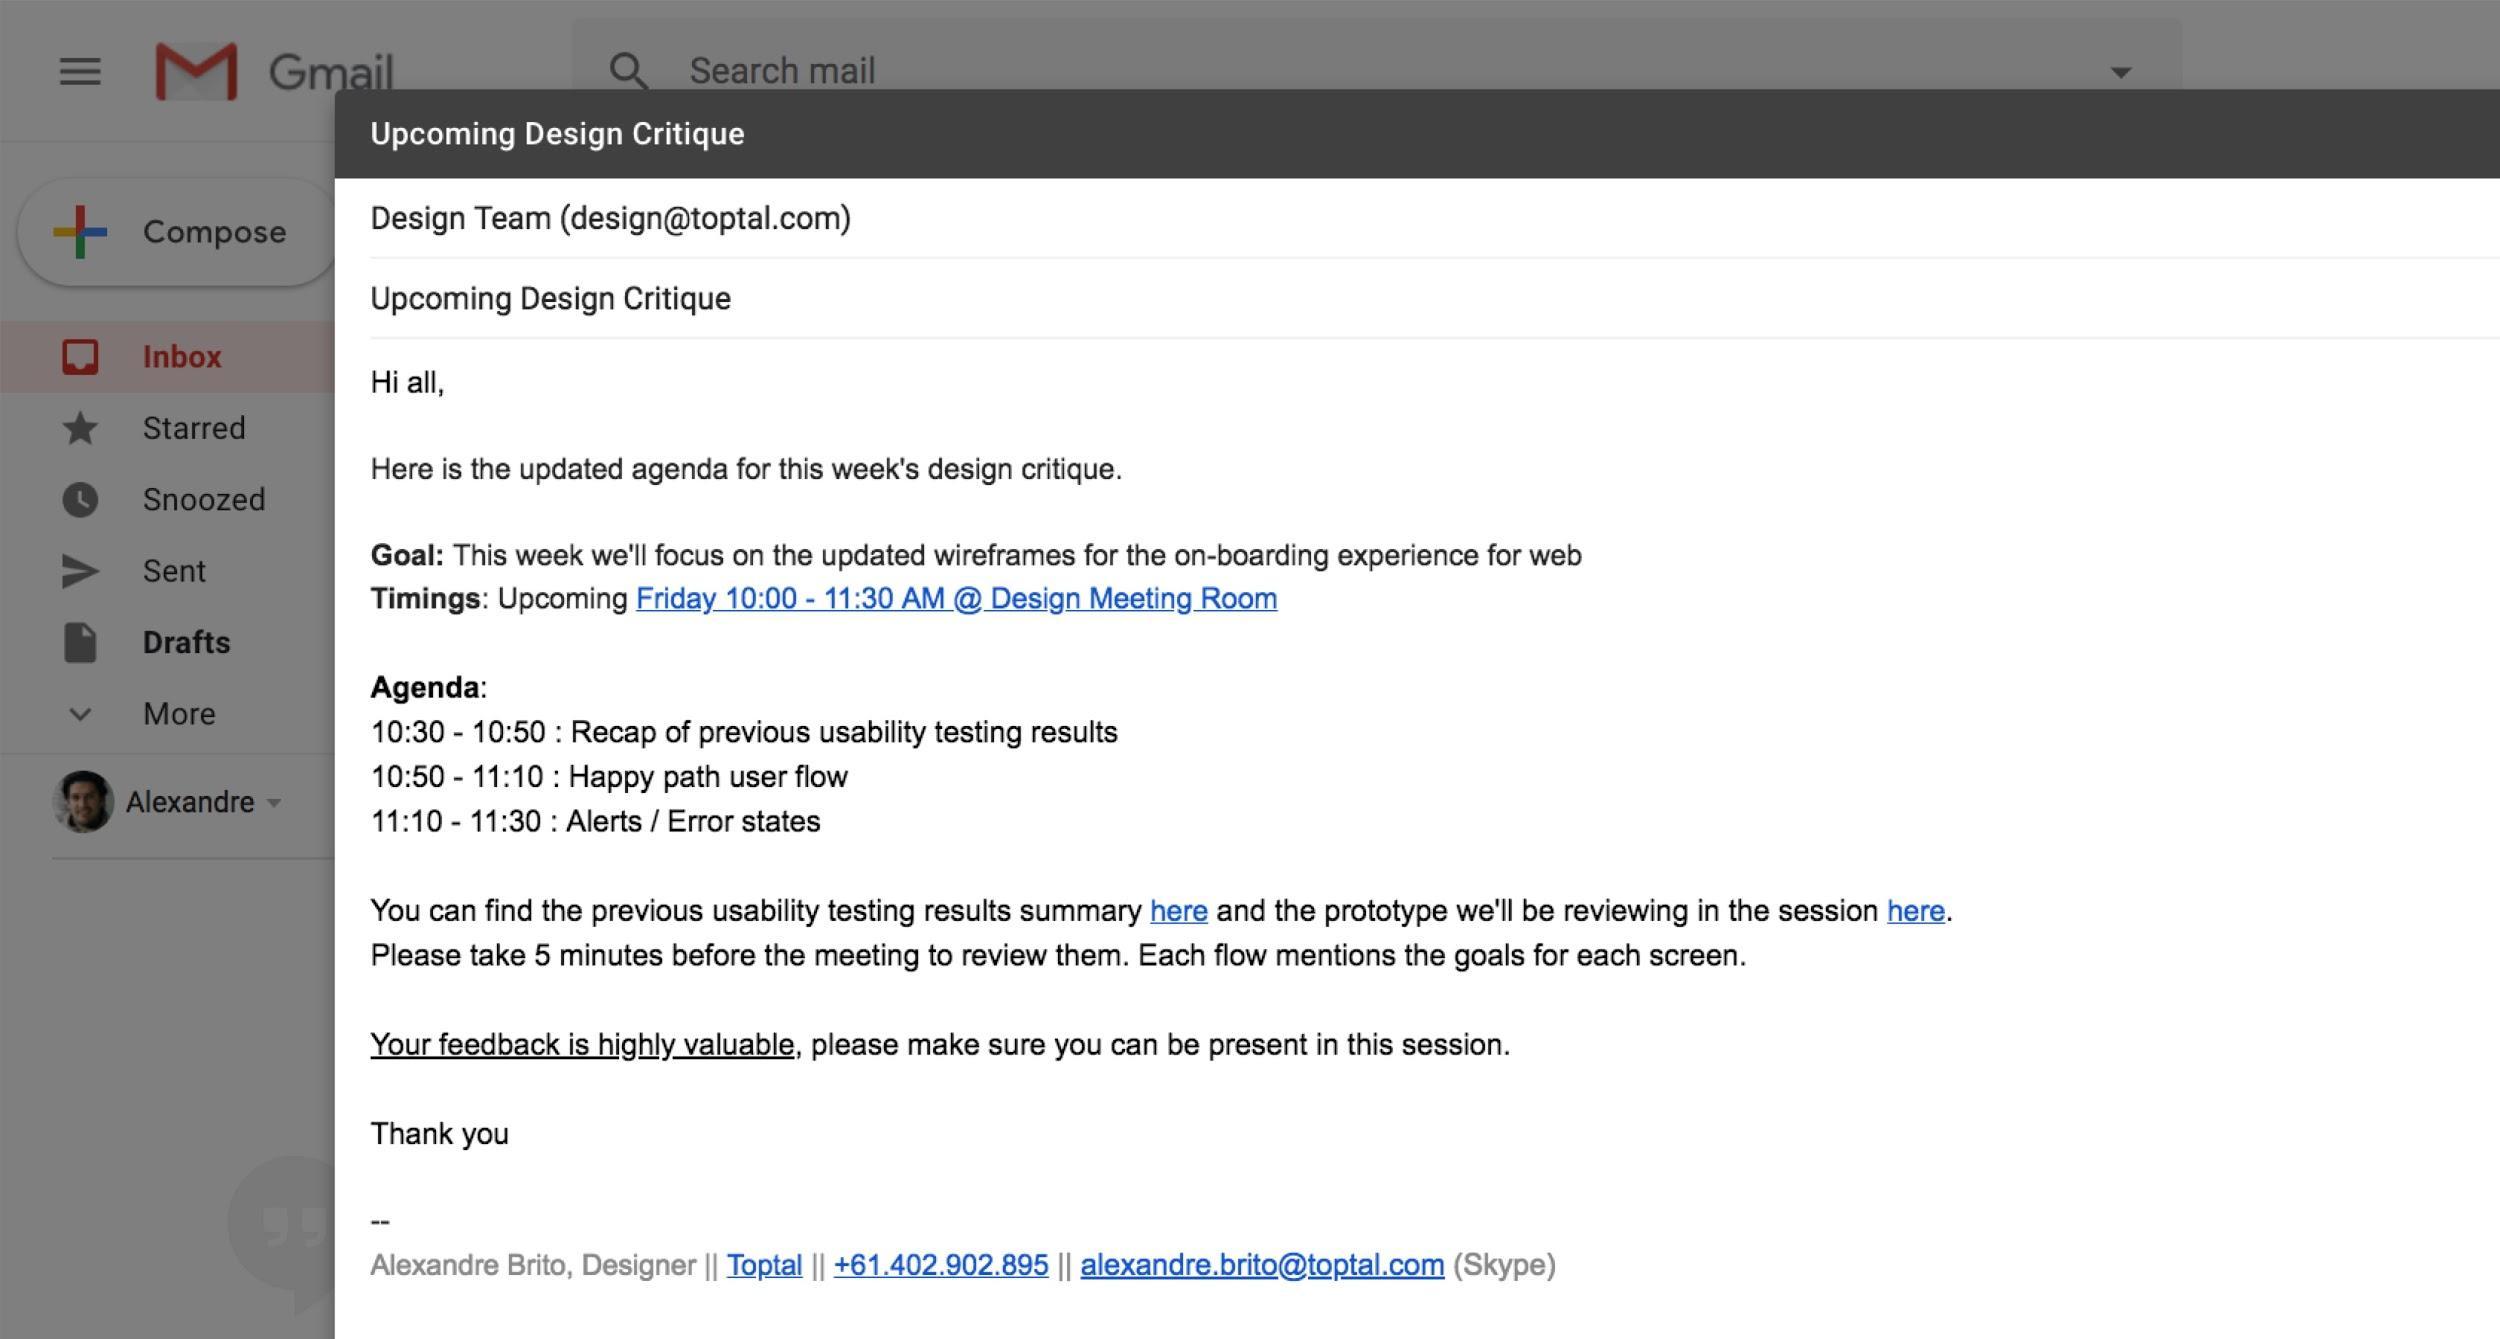 Design critique invitation email